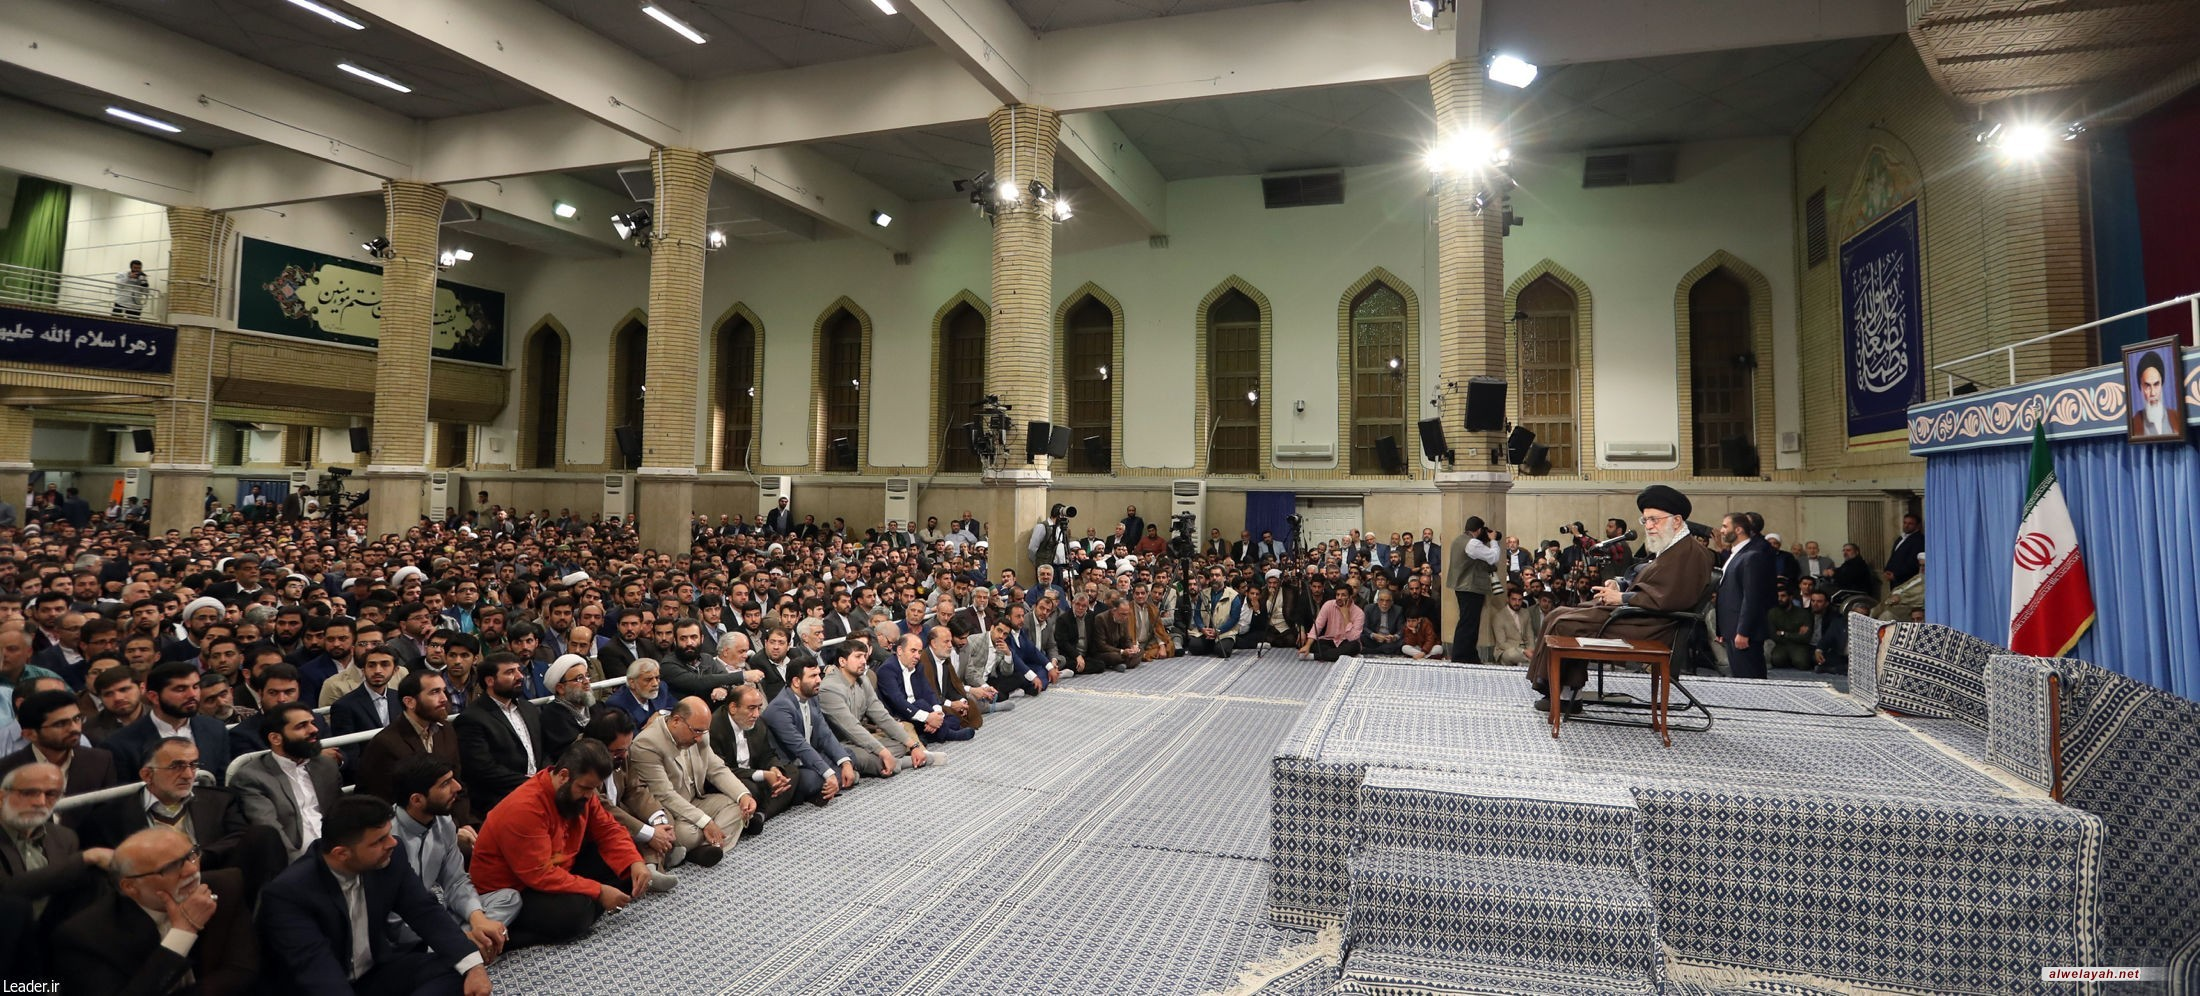 هكذا يرد قائد الثورة الإسلامية على كلام الغربيين حول تواجد إيران بالمنطقة..